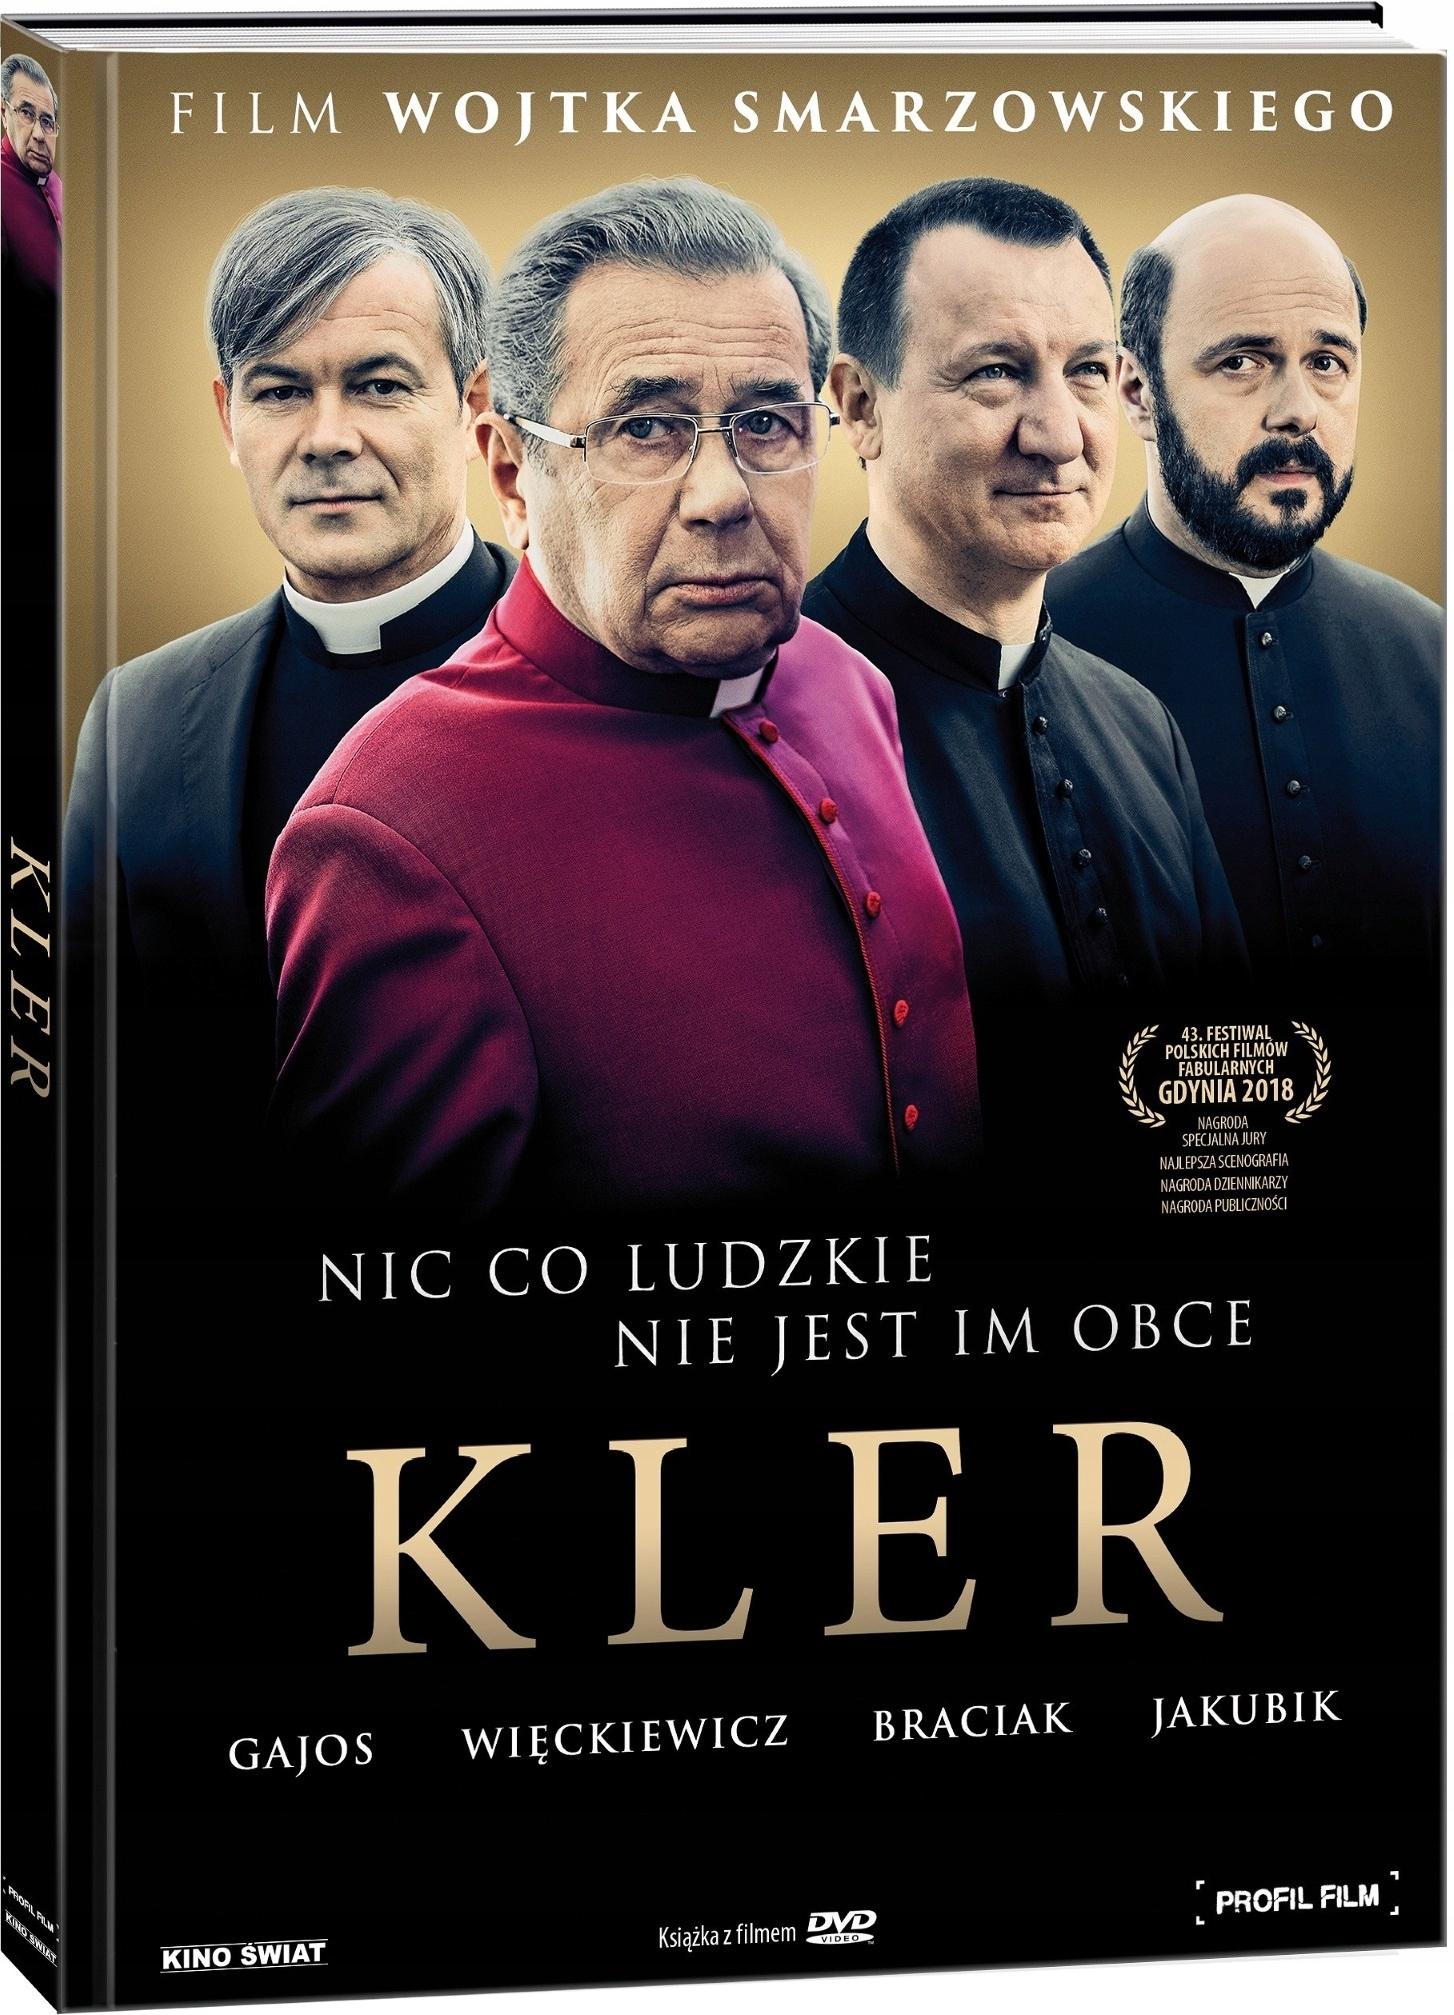 Item CLERGY [DVD] Director Wojciech Smarzowski